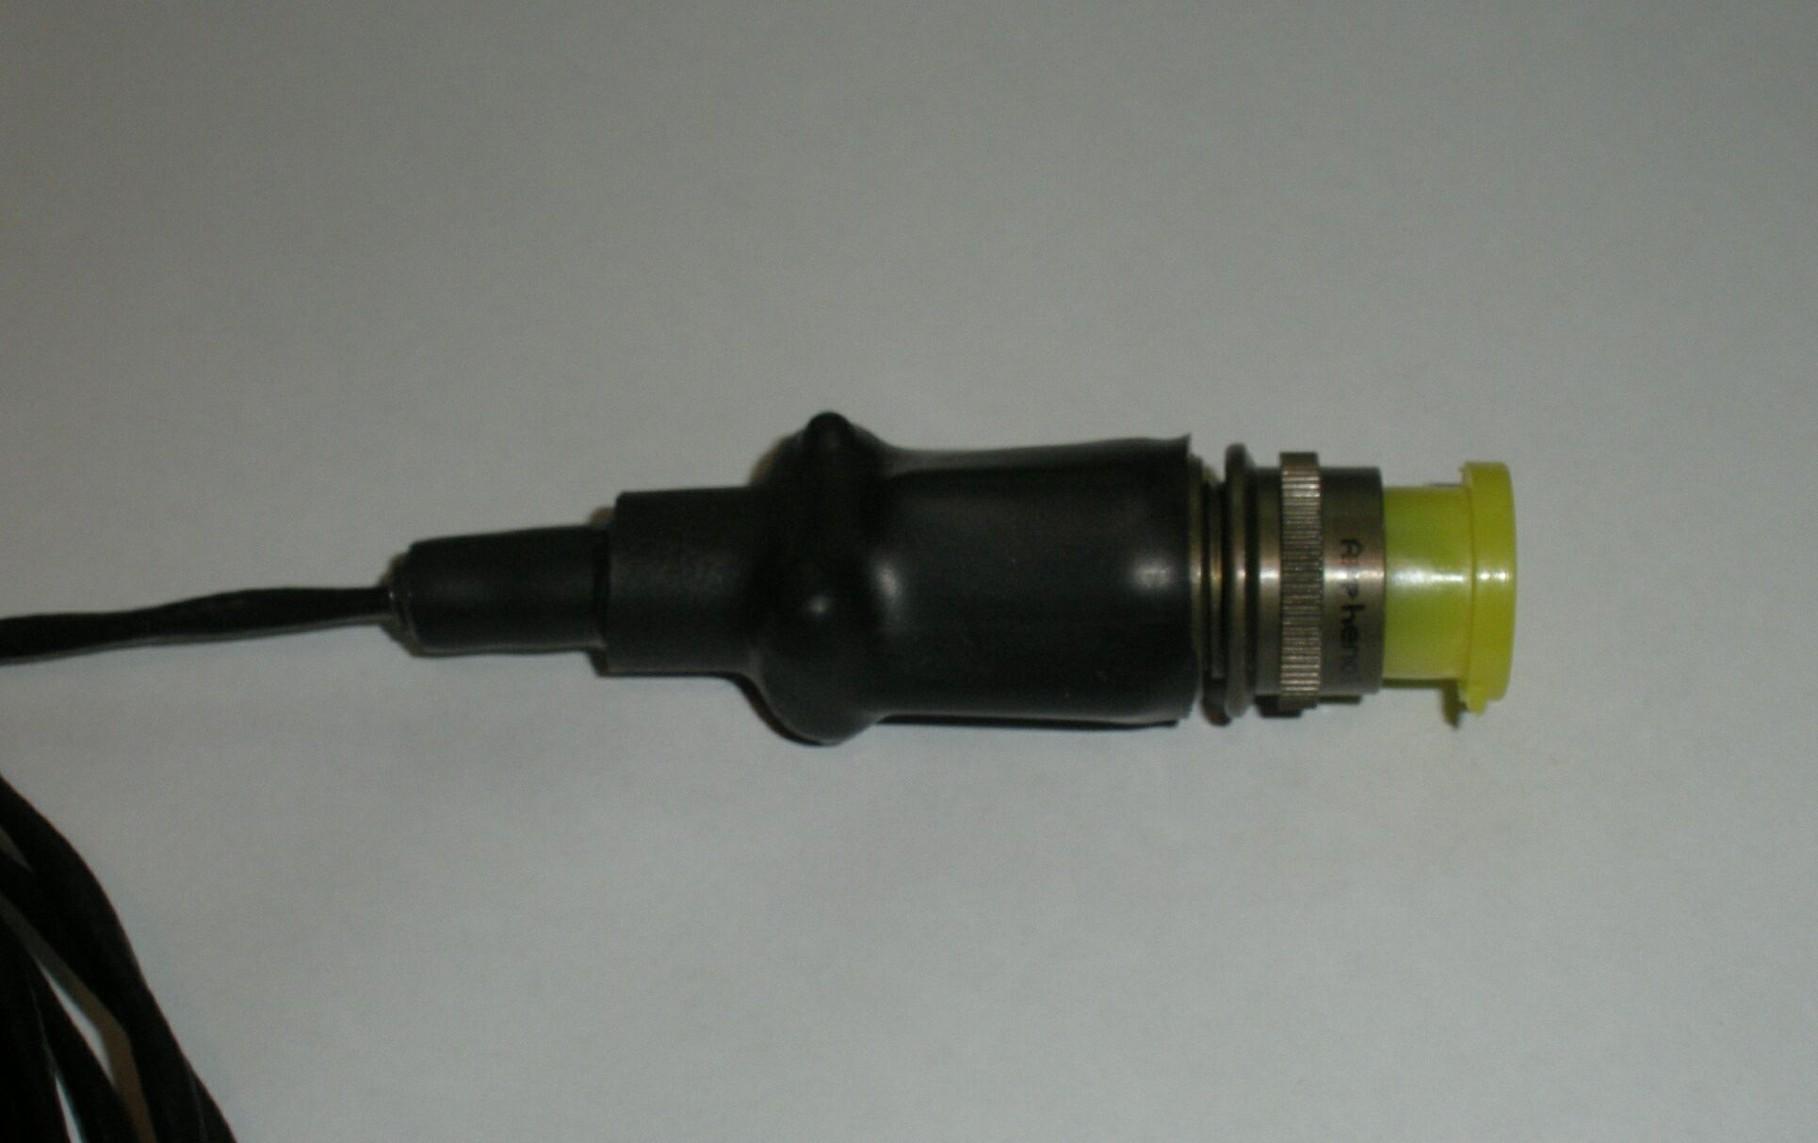 разъем MIL-C-5015 в защитном пыльнике